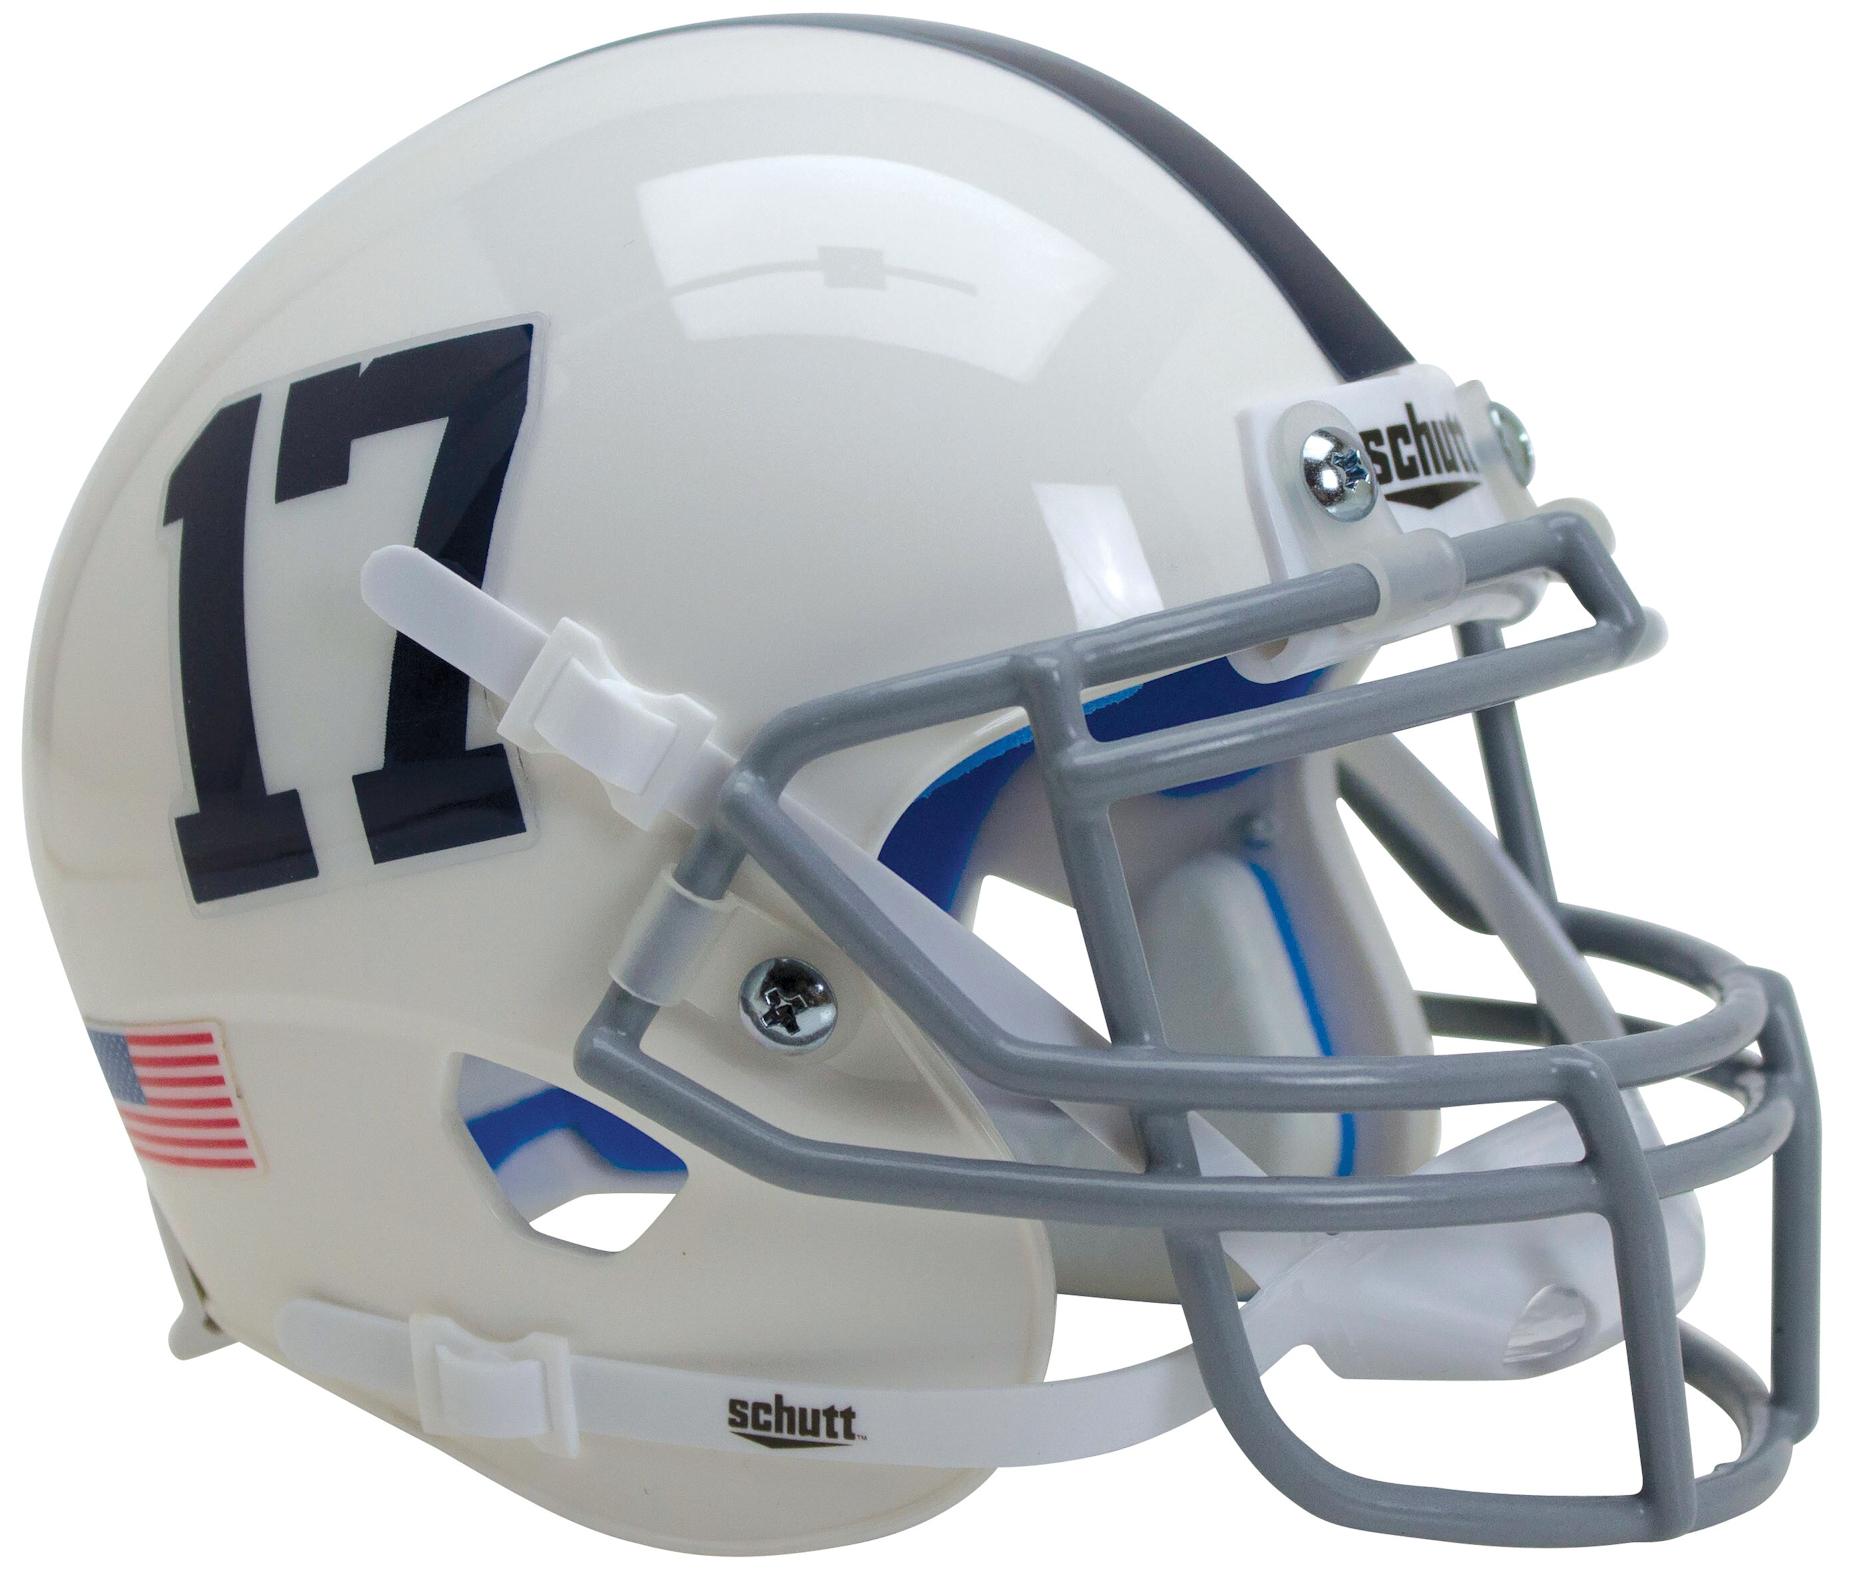 Penn State Nittany Lions Full XP Replica Football Helmet Schutt <B>White Number 17</B>